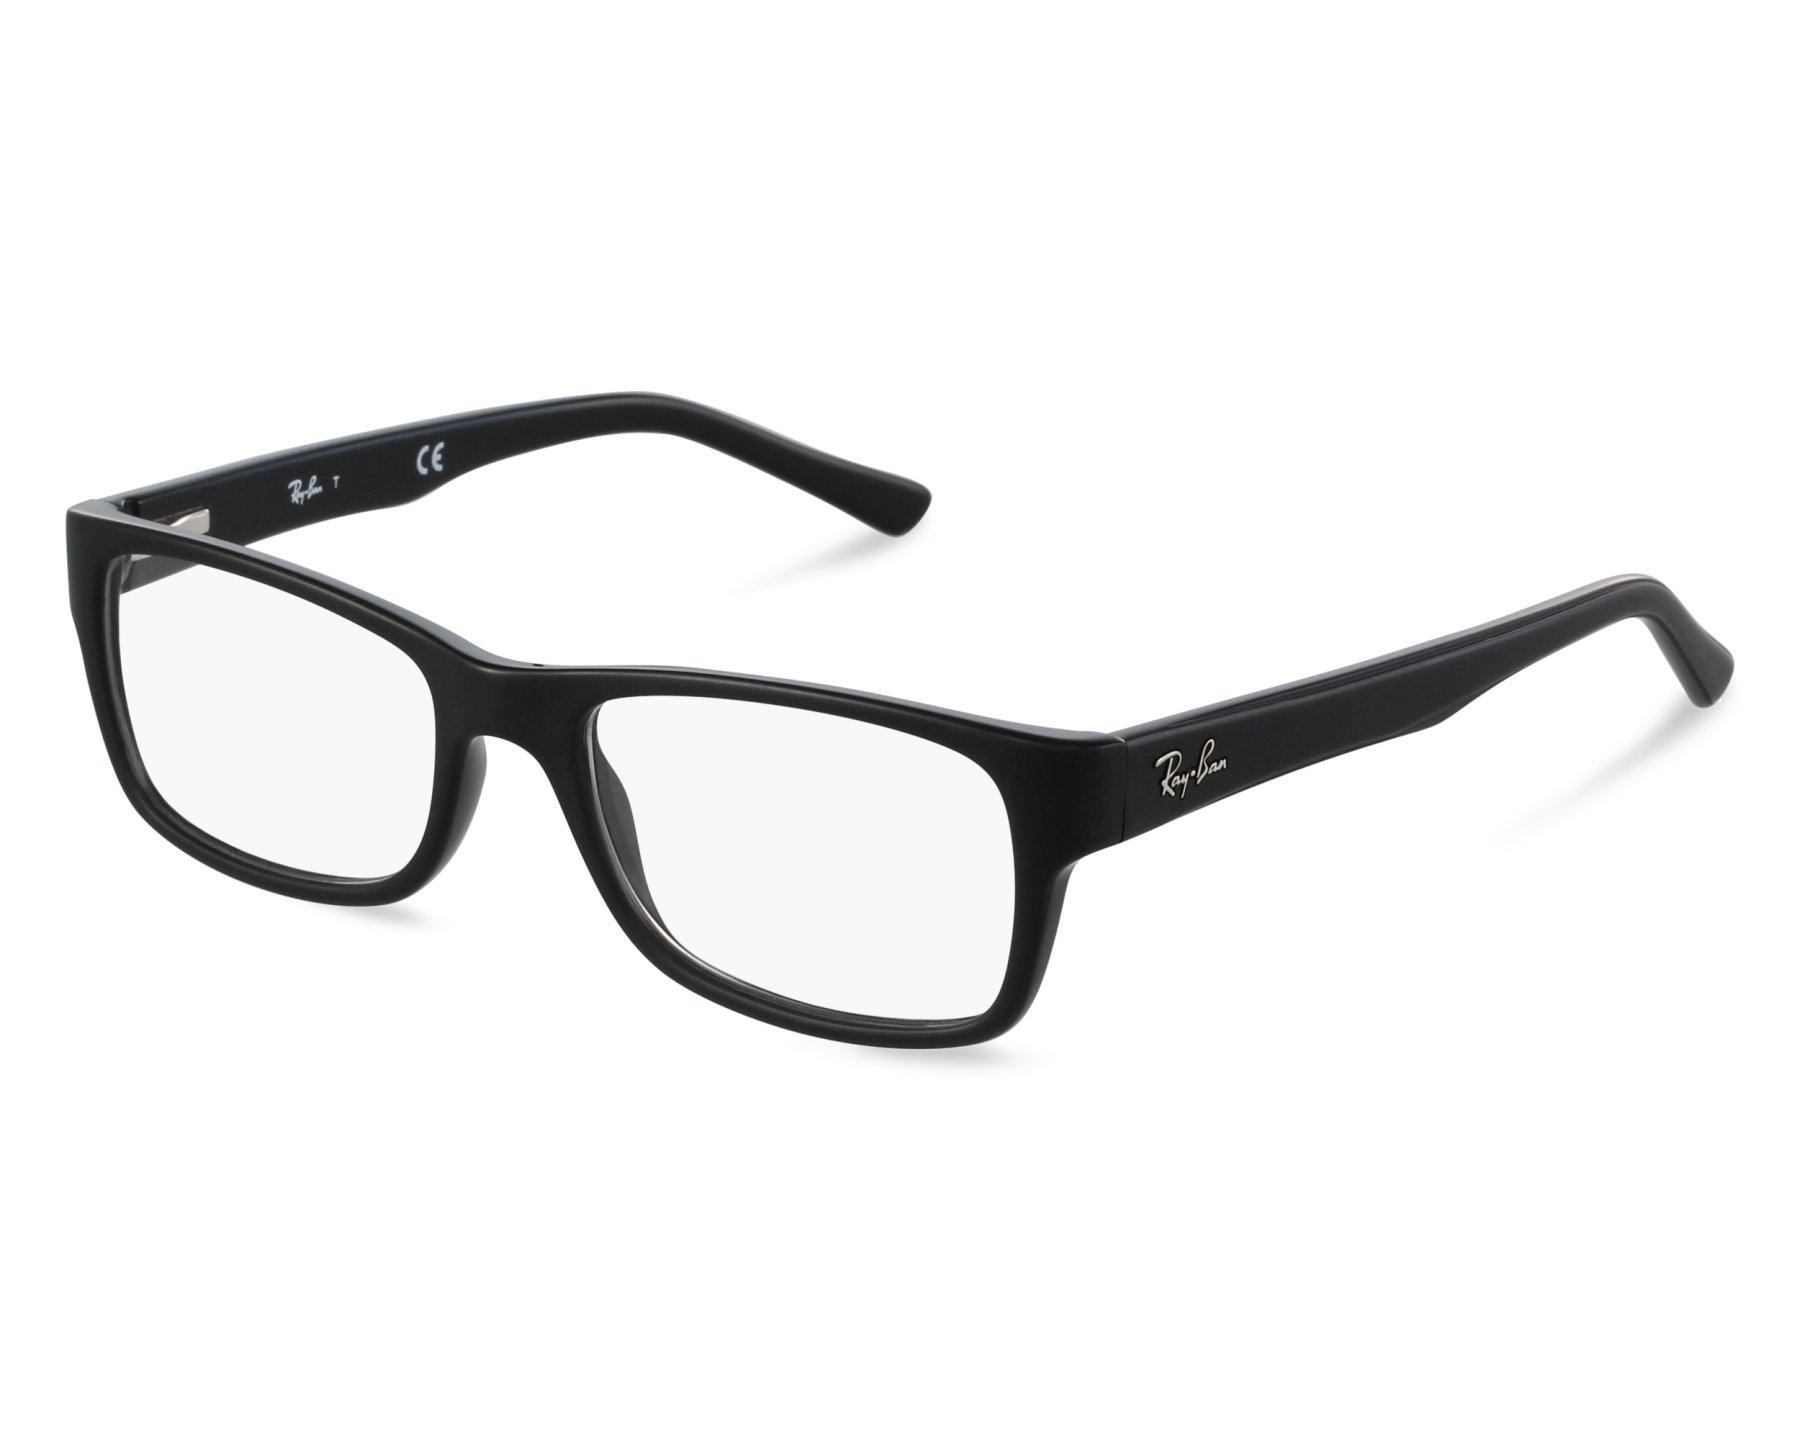 63ad807a3b Gafas Graduadas Ray-Ban RX-5268 5119 - Negra vista de frente